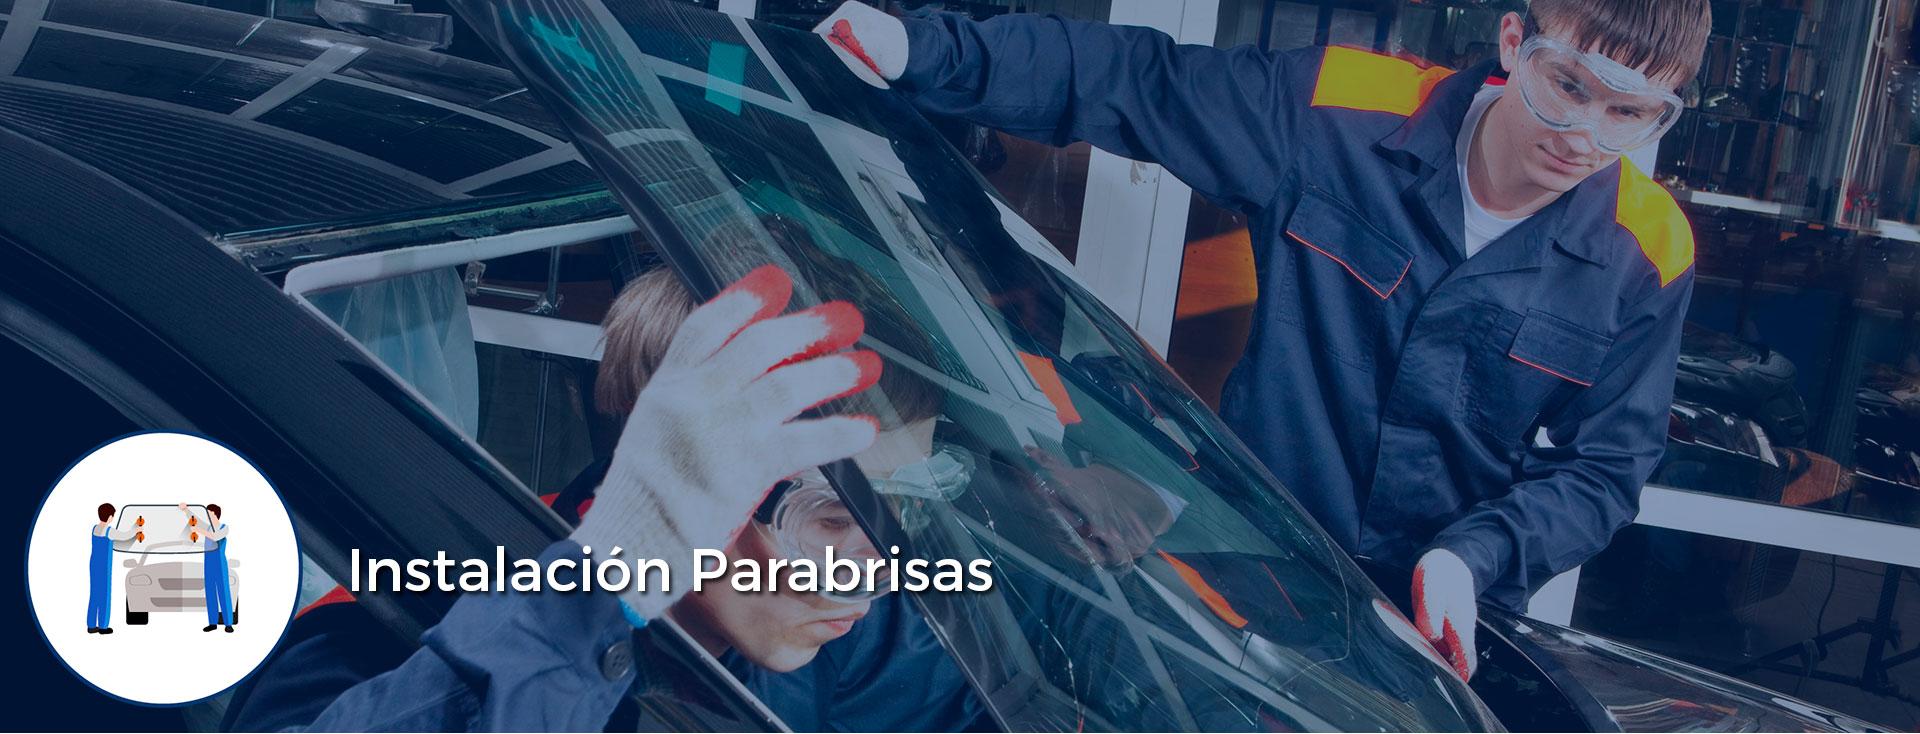 Repuestos, Parabrisas & Aires Acondicionados